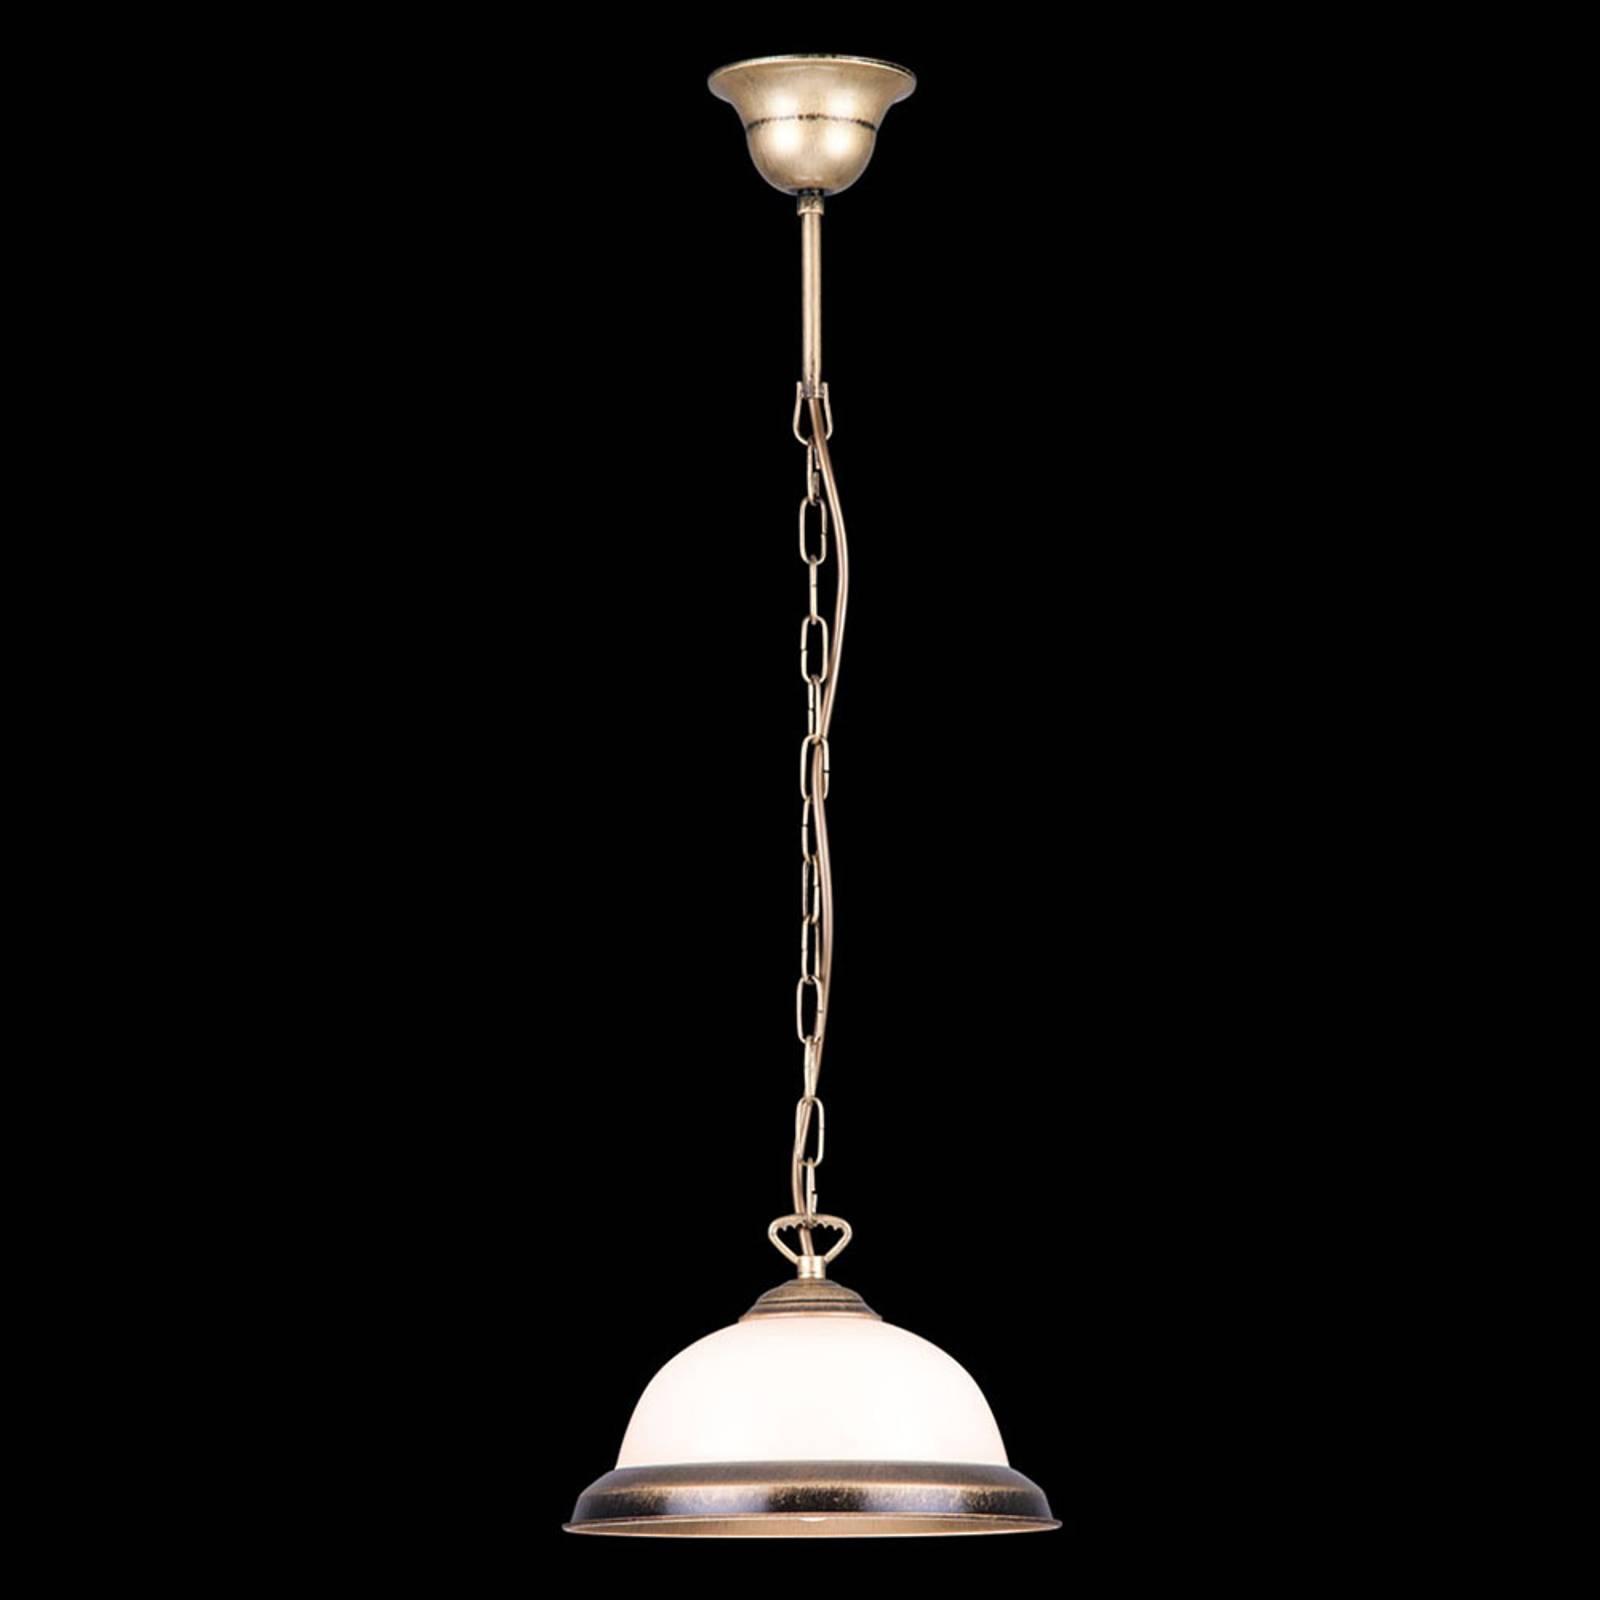 Lampa wisząca Torio, 1-punktowa ręcznie kolorowana